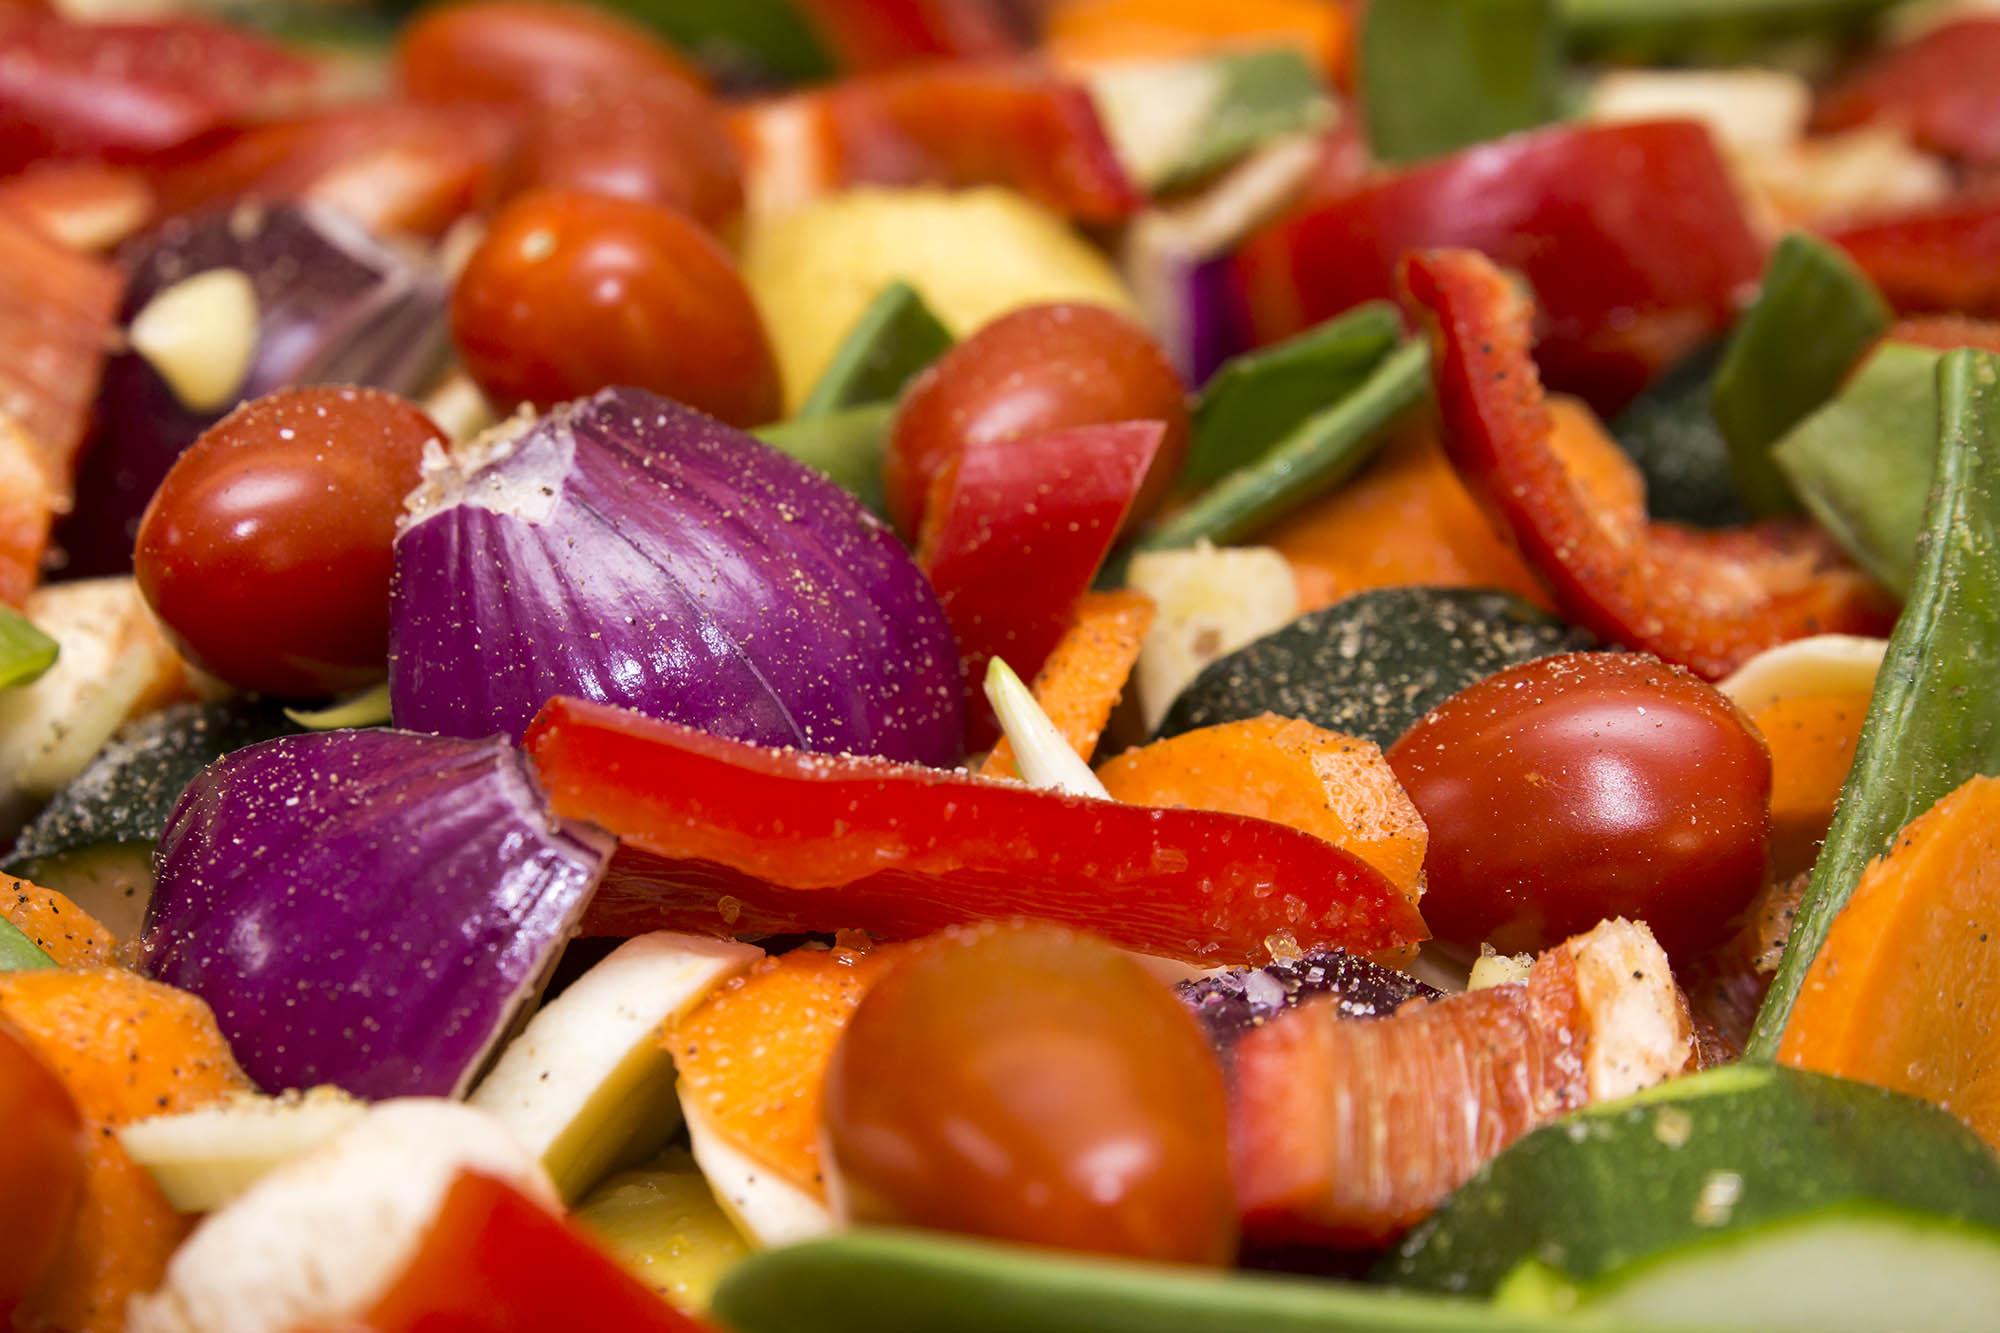 Gemüsepfanne  015 - 02 klein.jpg